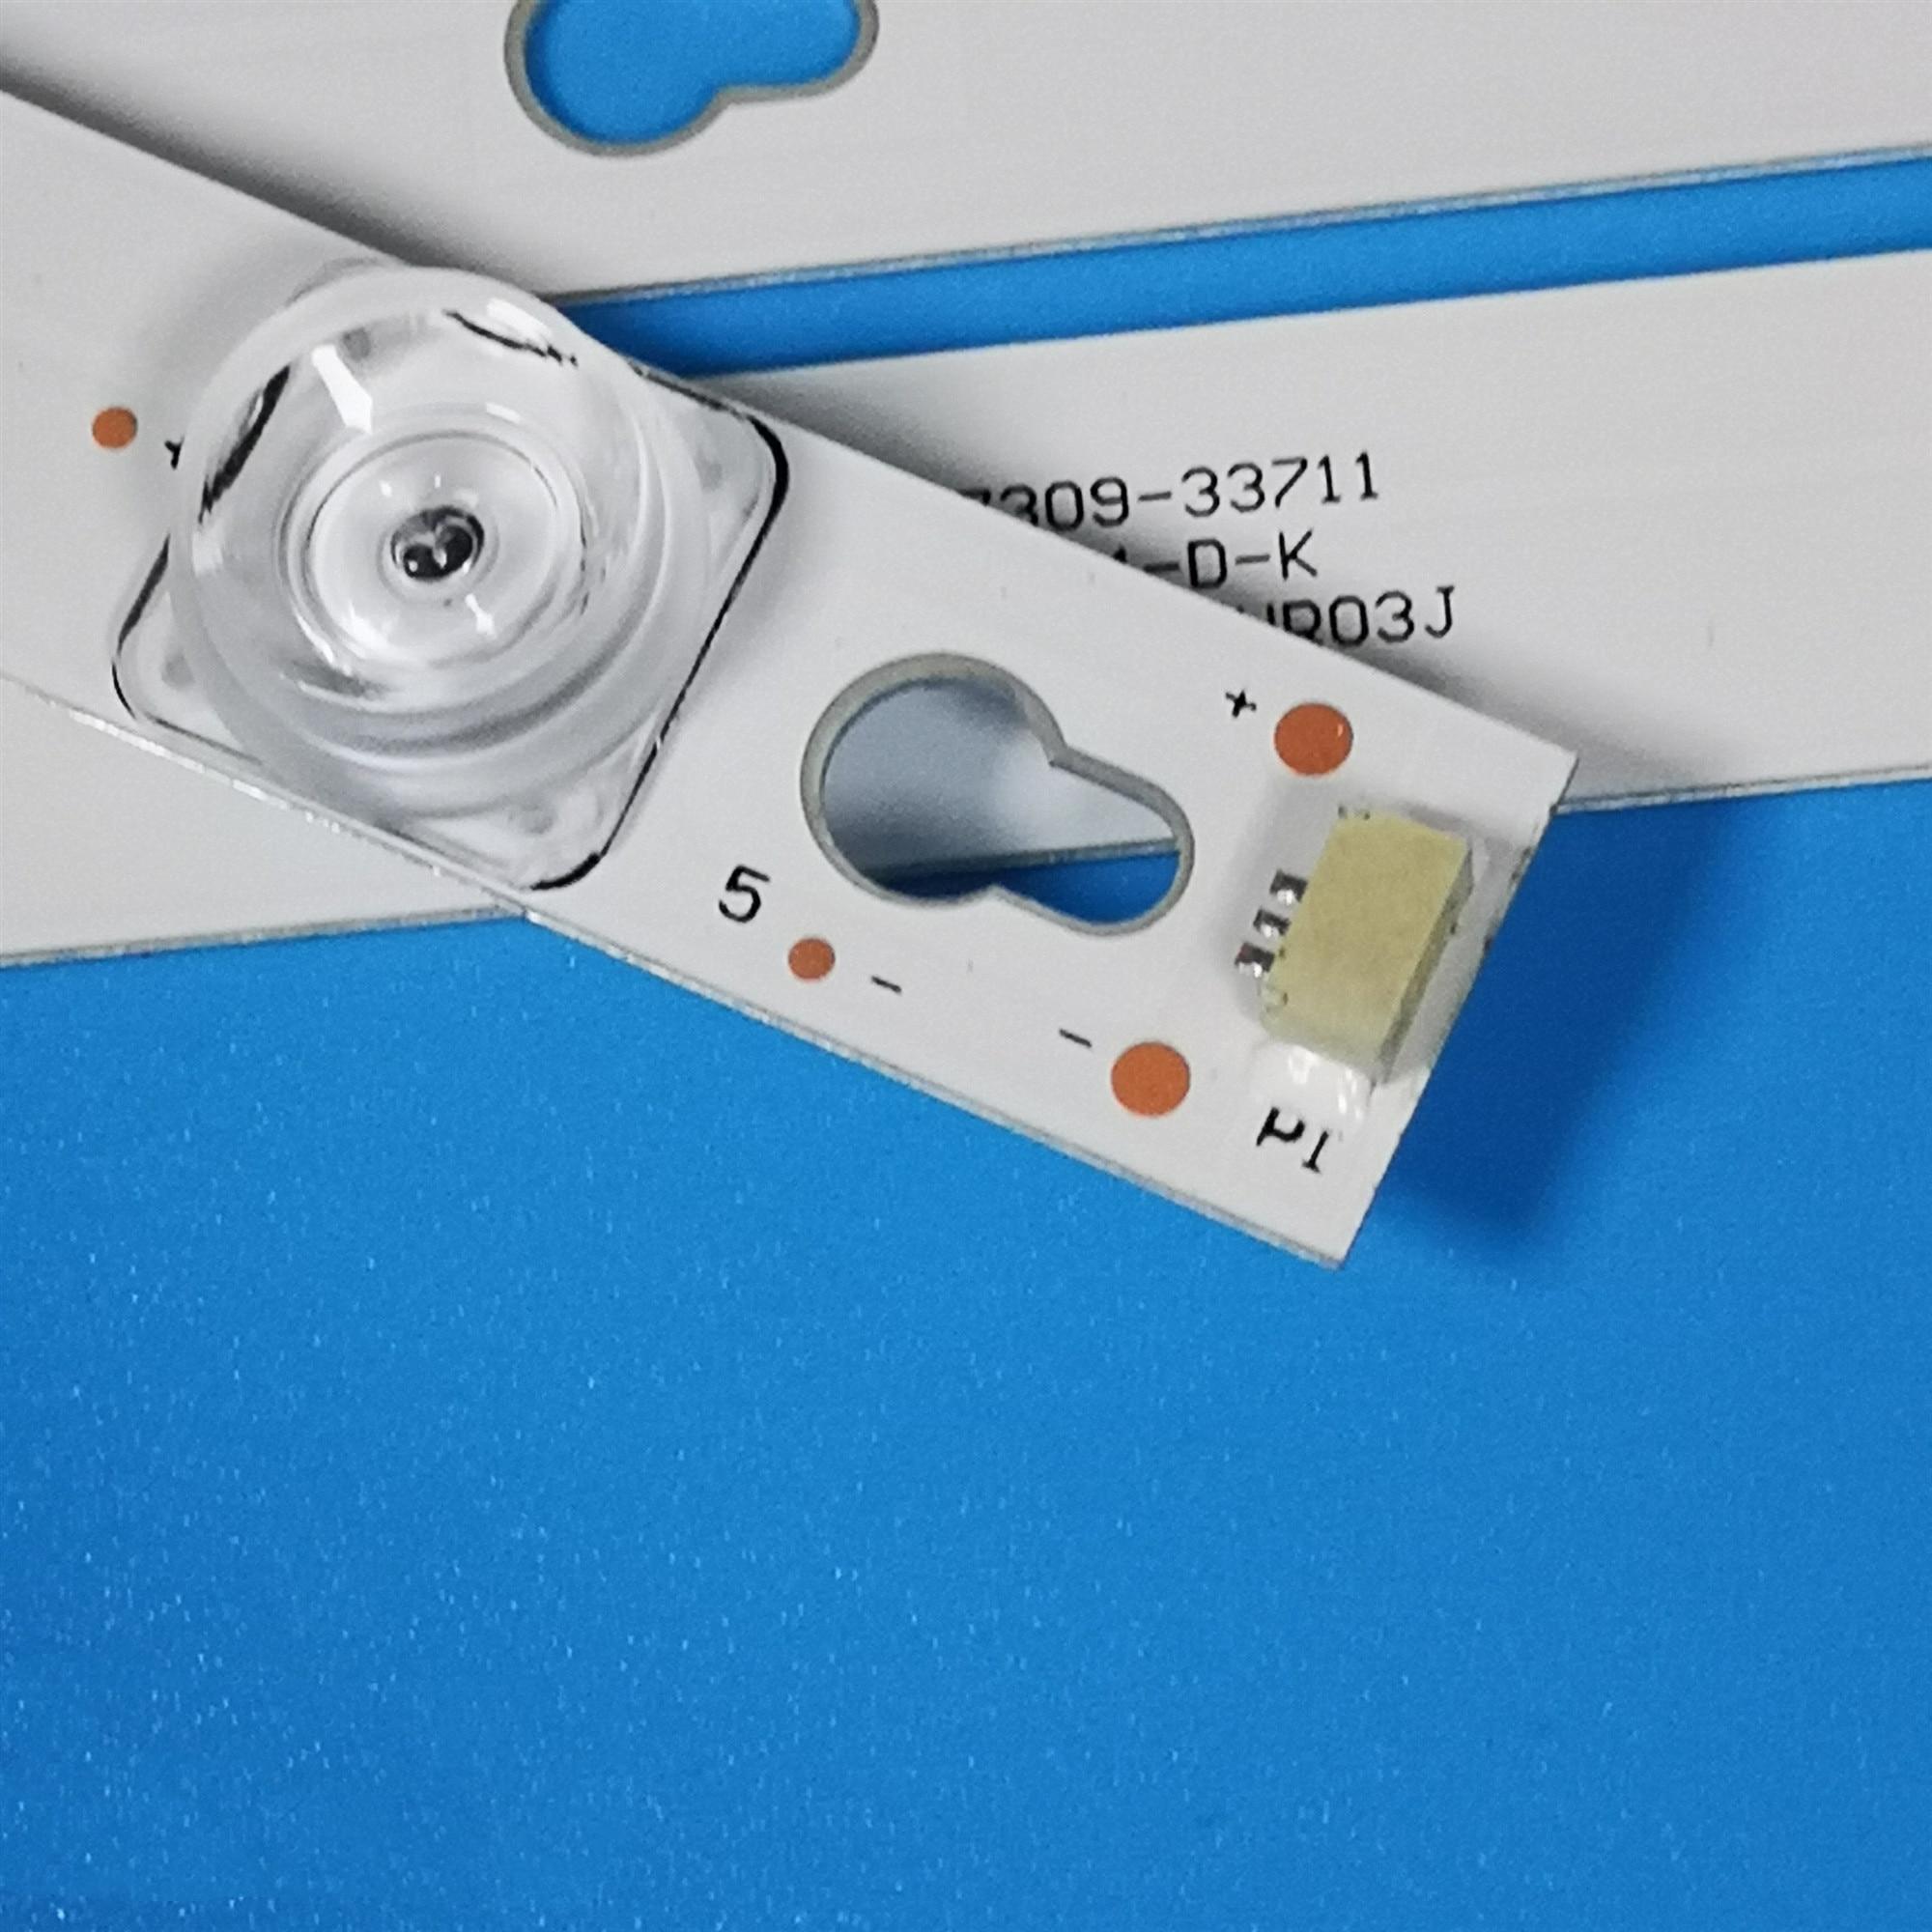 80pcs LED strip 4C-LB5005-HR04J 50D2900AB 50HR330M04B9 50HR330M05A9 For TCL L50E5800A-UD D50A810 L50P2-UD D50A630U enlarge